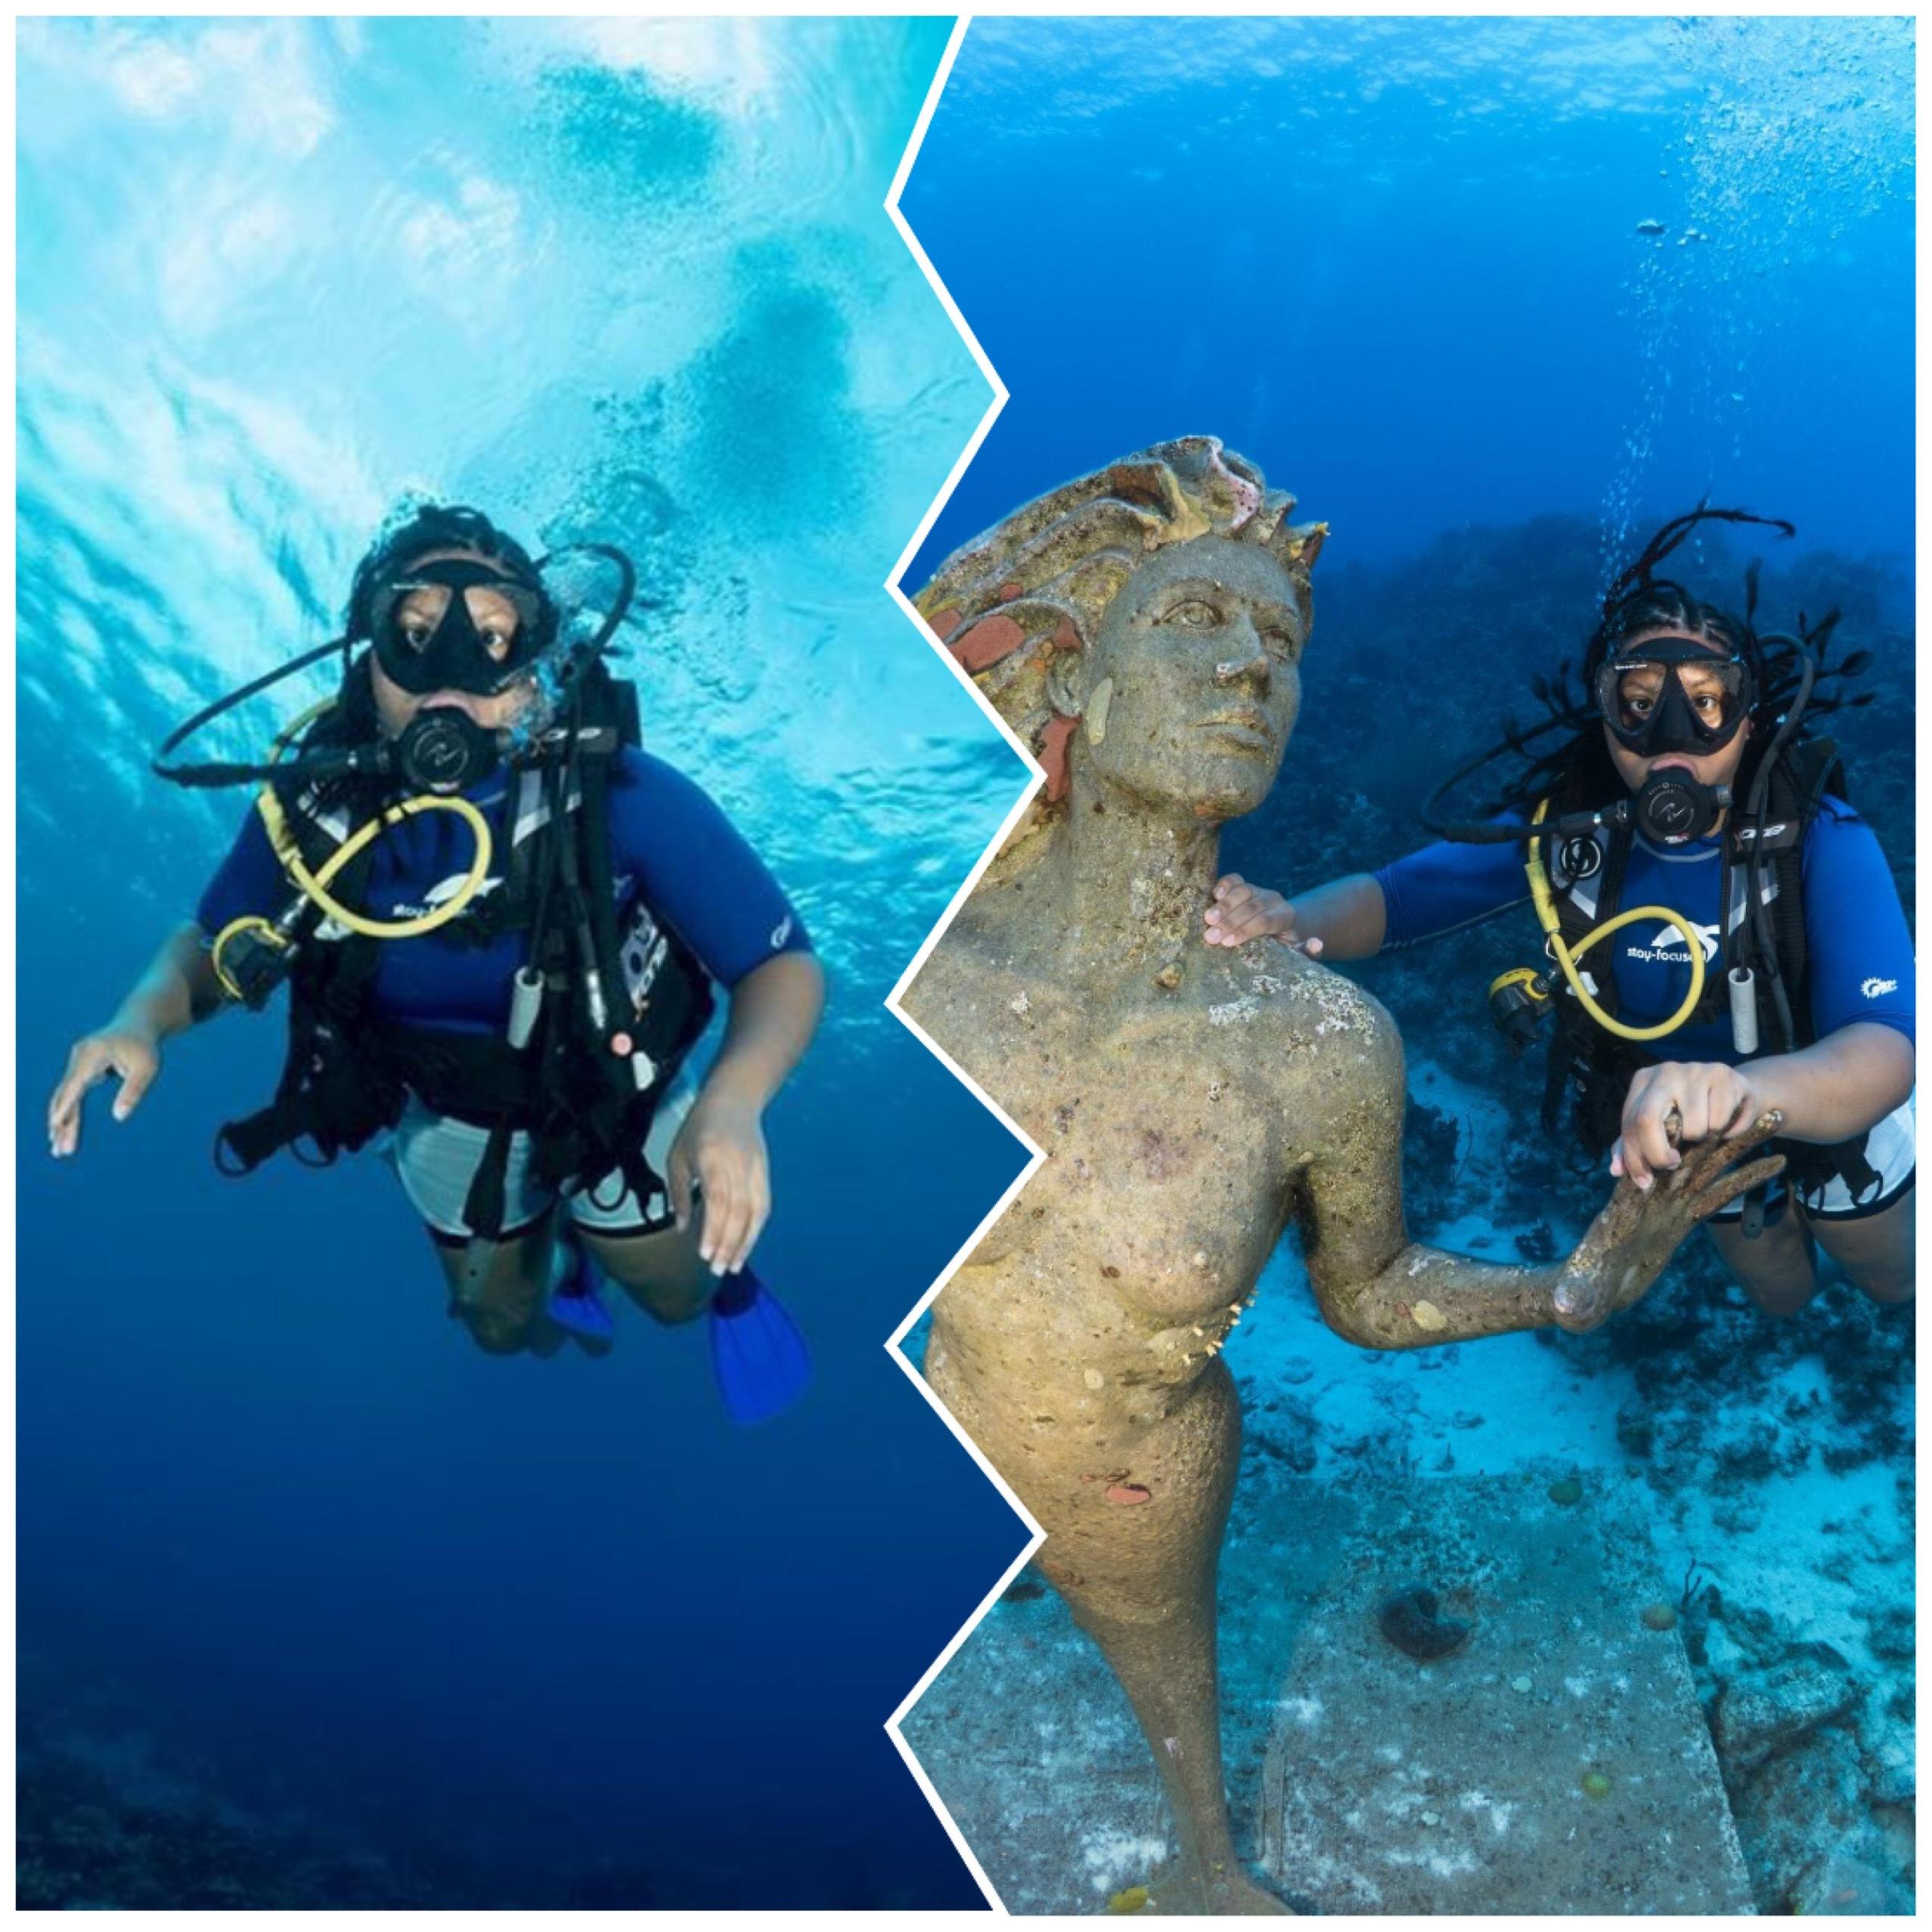 Johileny Meran scuba diving